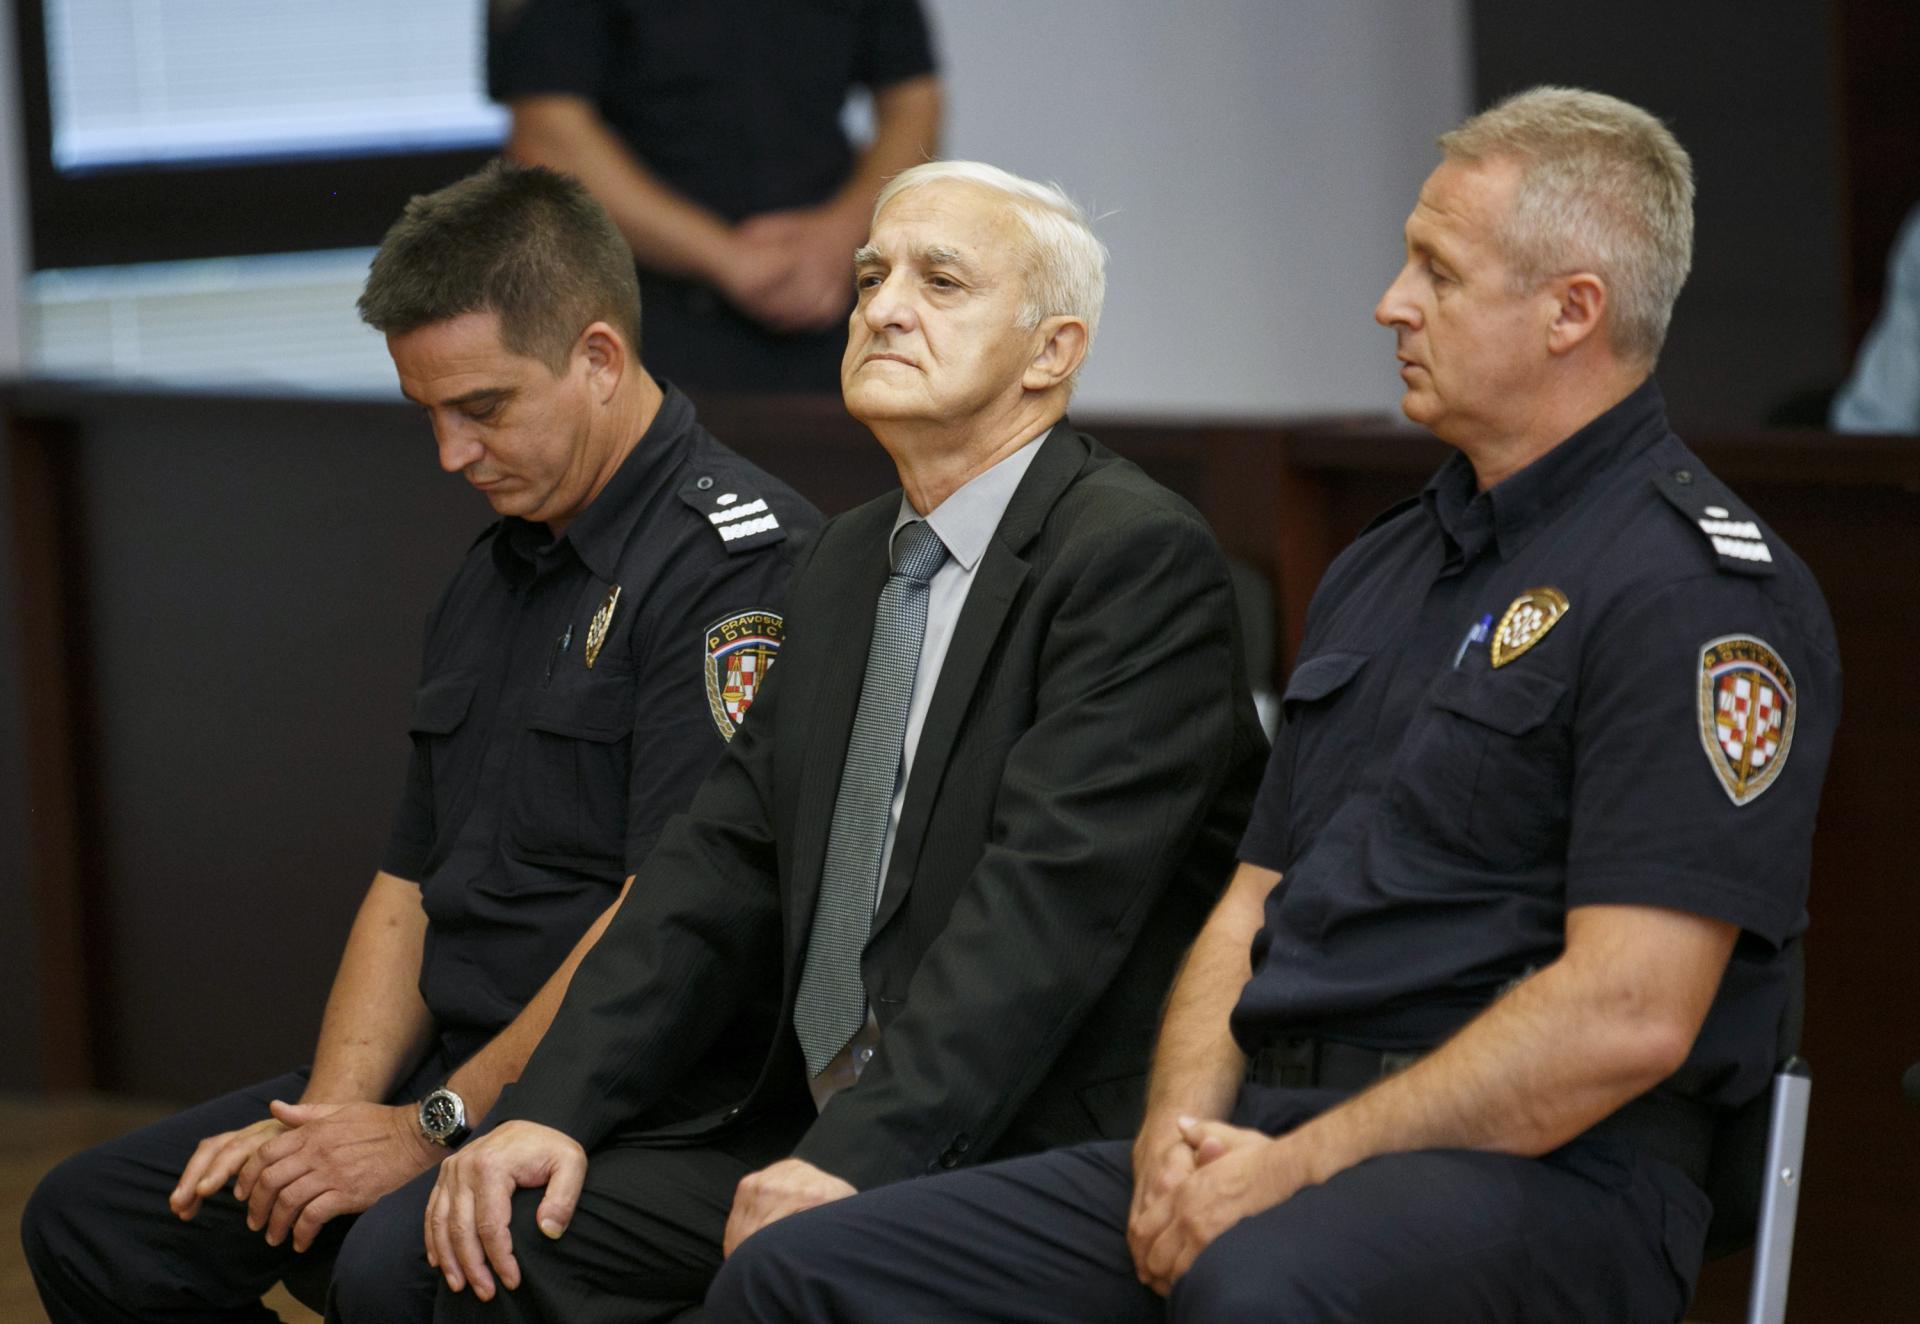 Dragan Vasiljković zvani Kapetan Dragan prilikom izricanja presude za ratne zločine